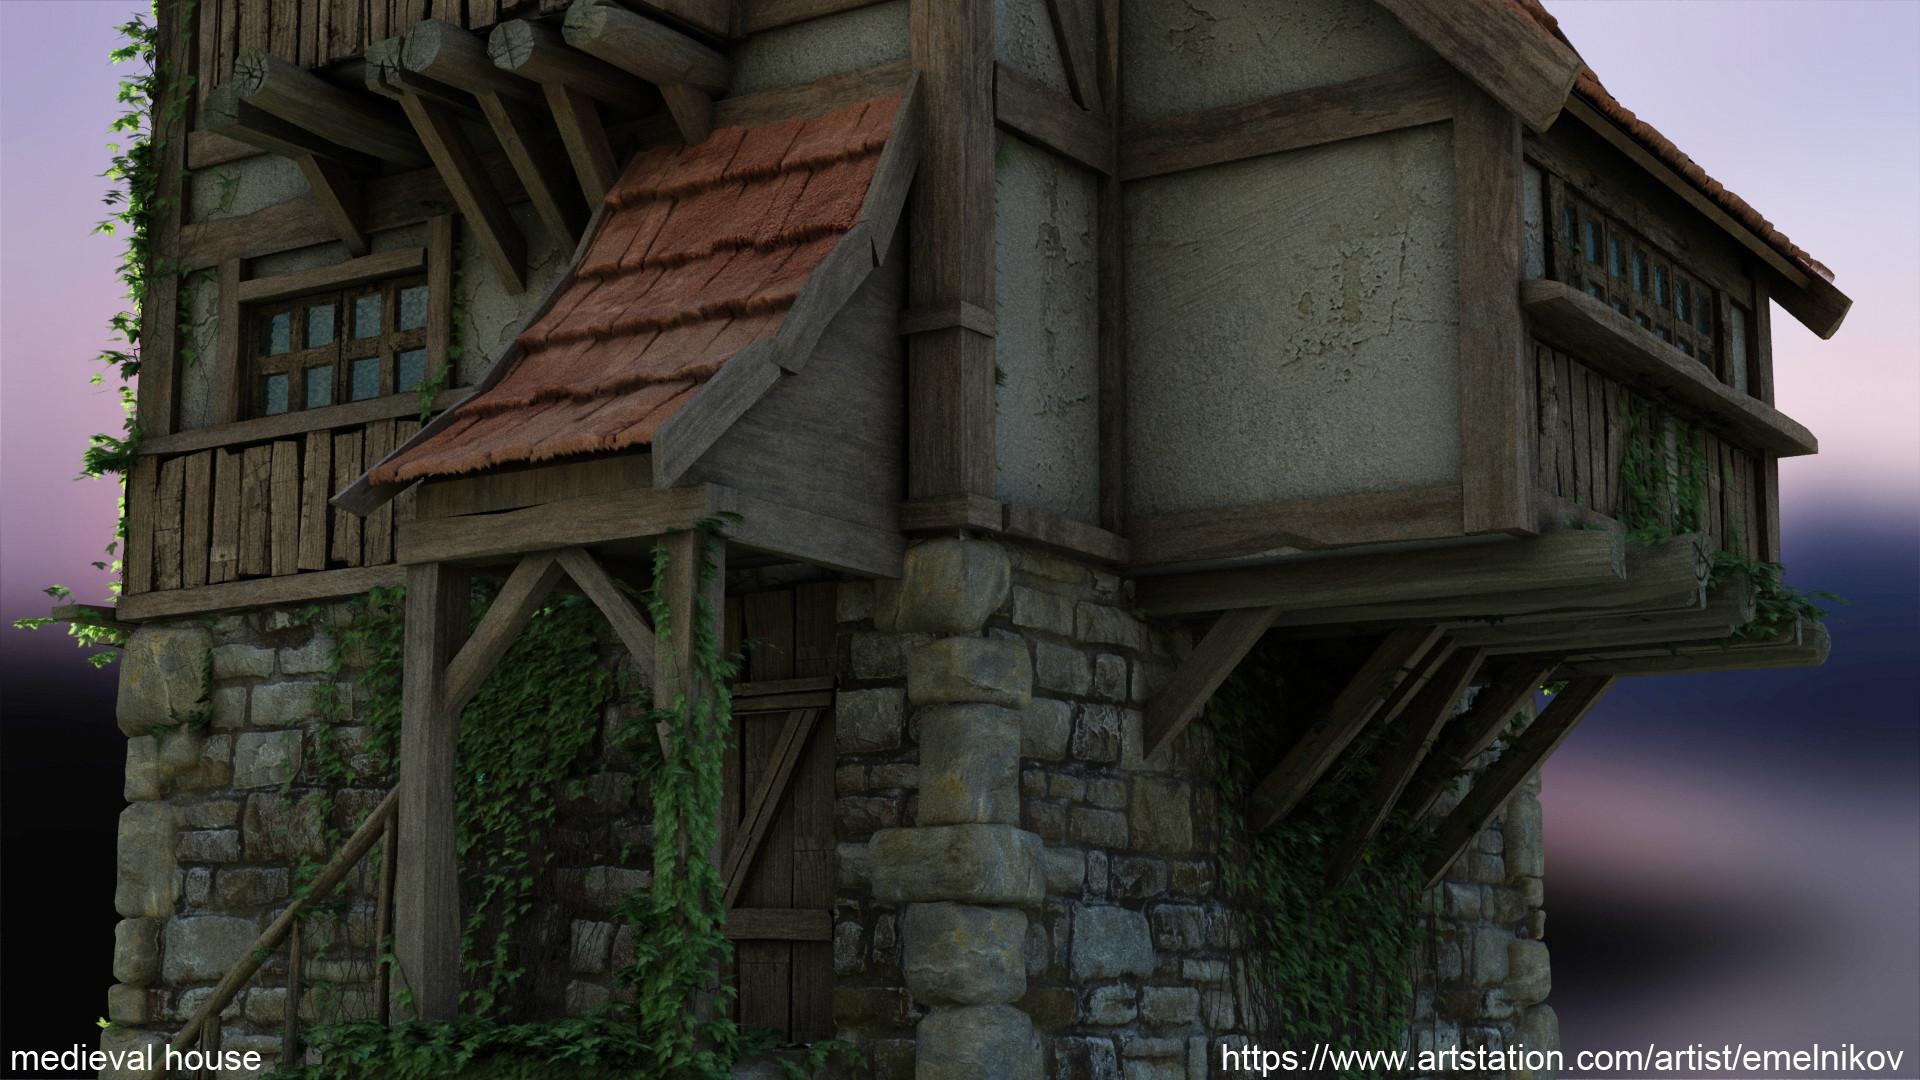 Eugene melnikov medieval house1 render frm13